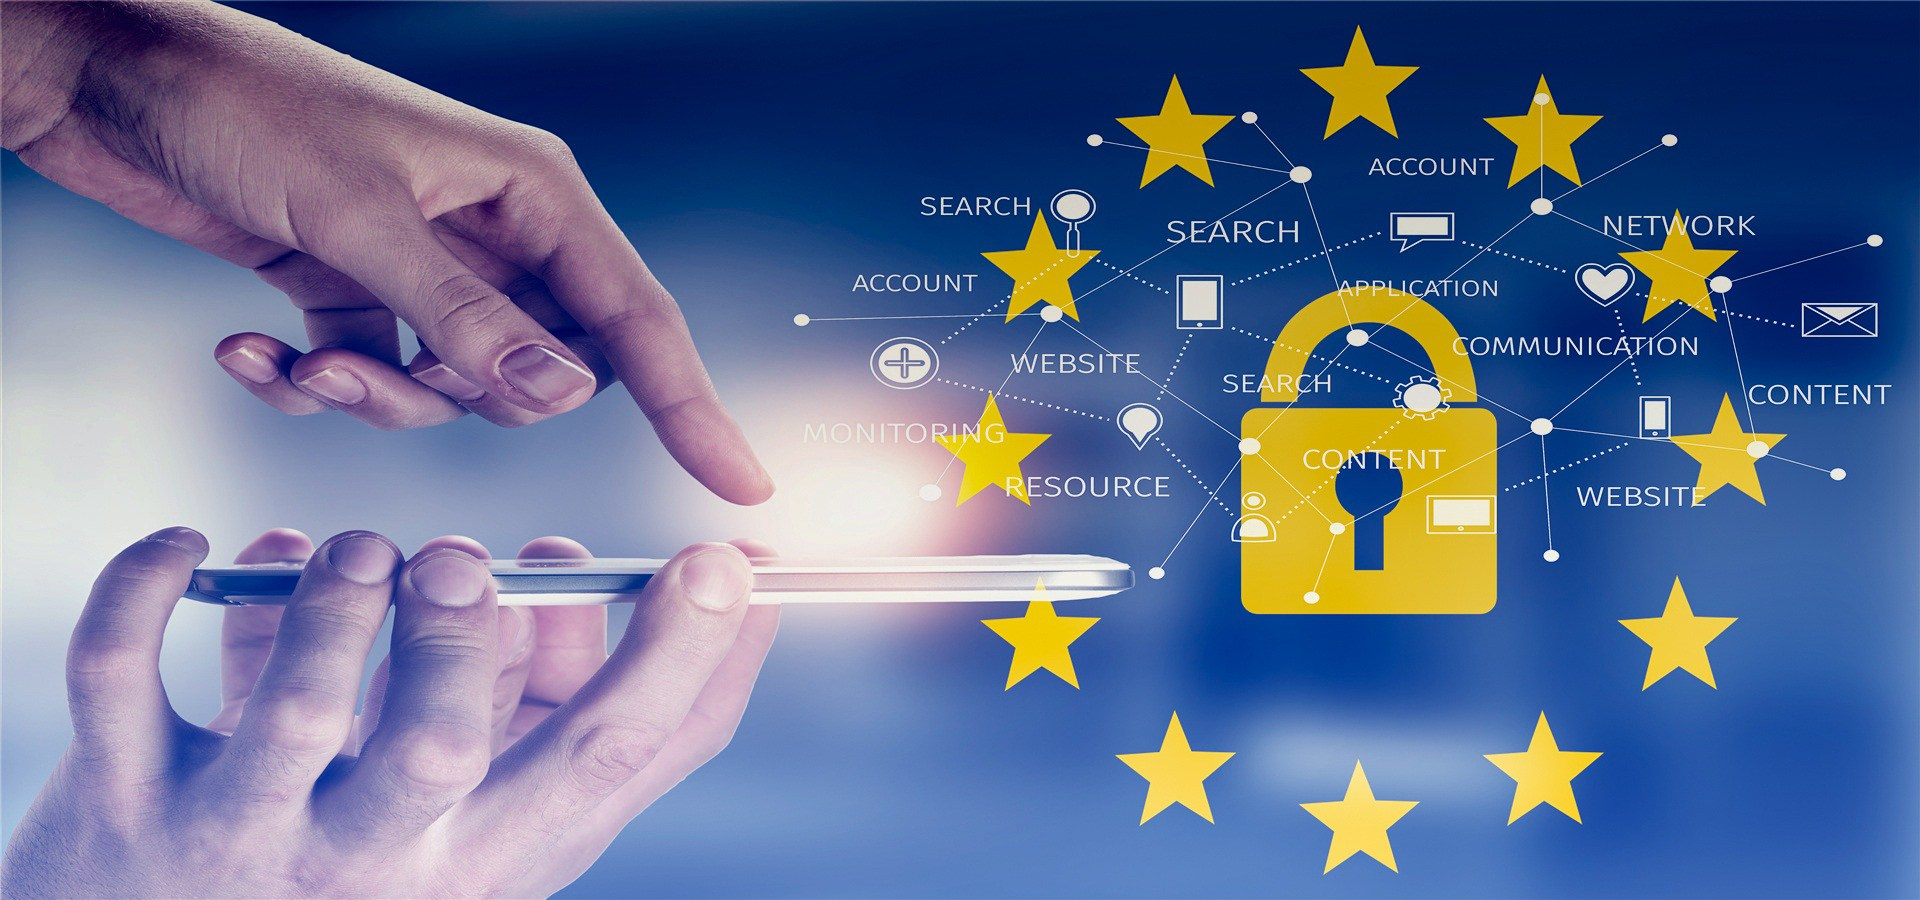 S'activa al nivell més alt del nou reglament sobre la privacitat i la gestió de dades